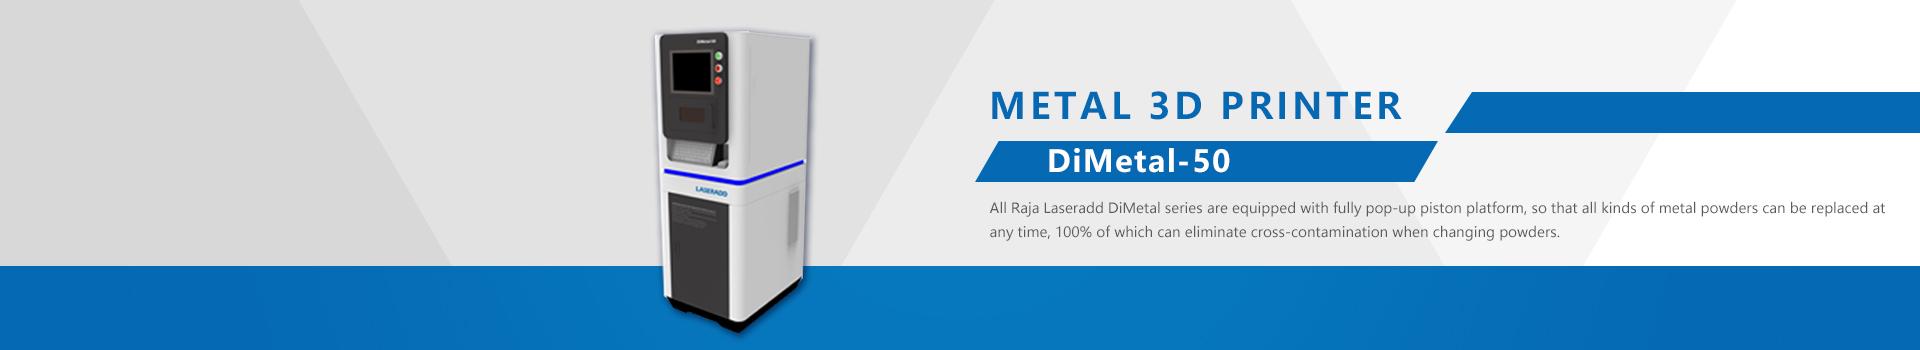 DiMetal-50